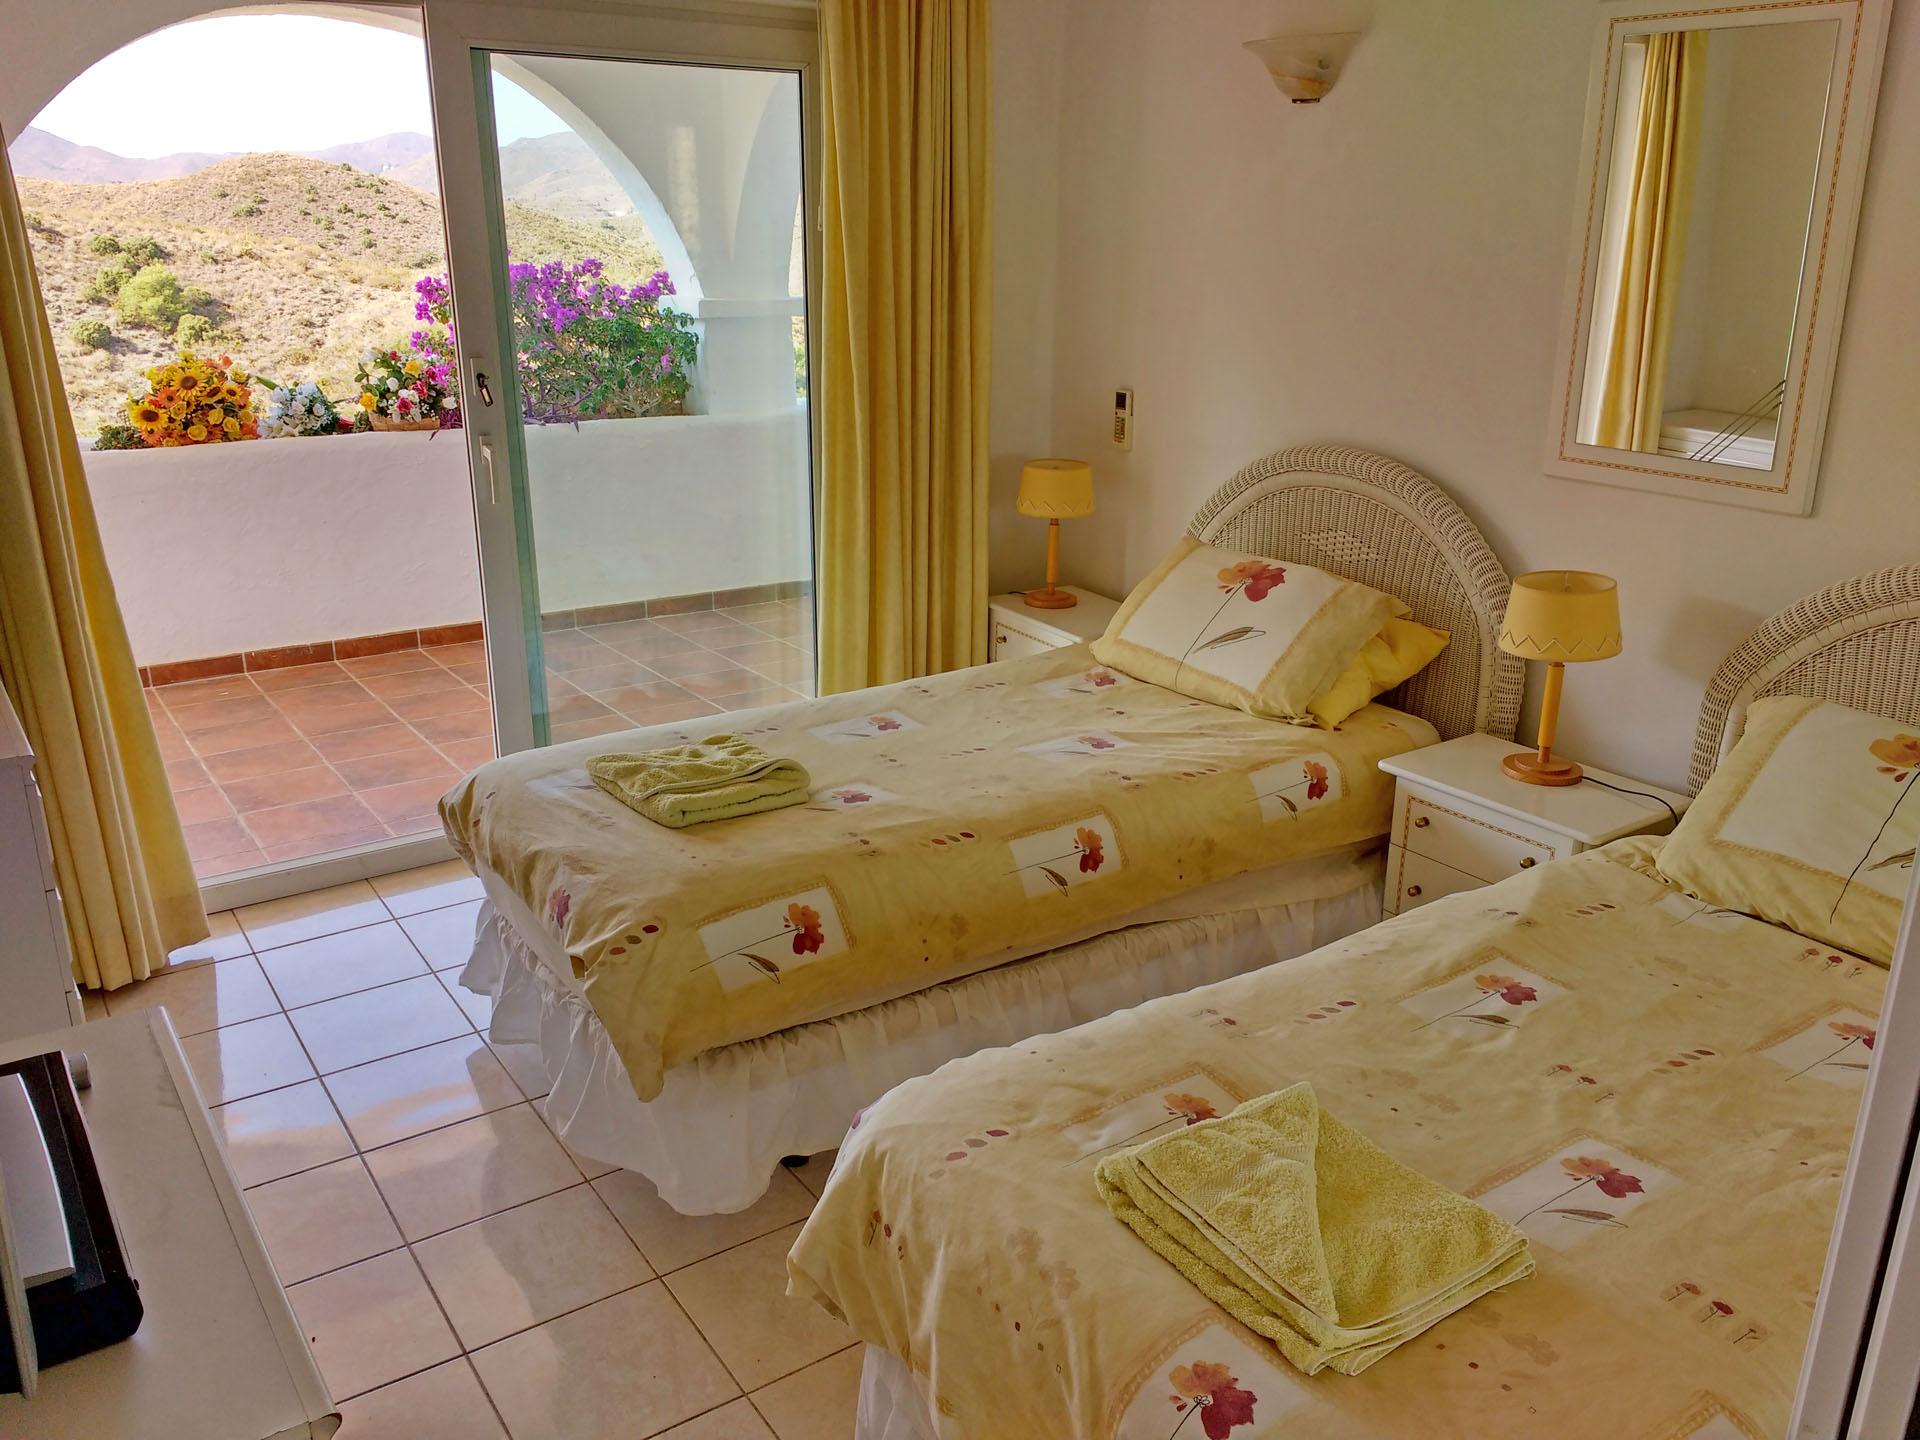 Bedroom 4.0